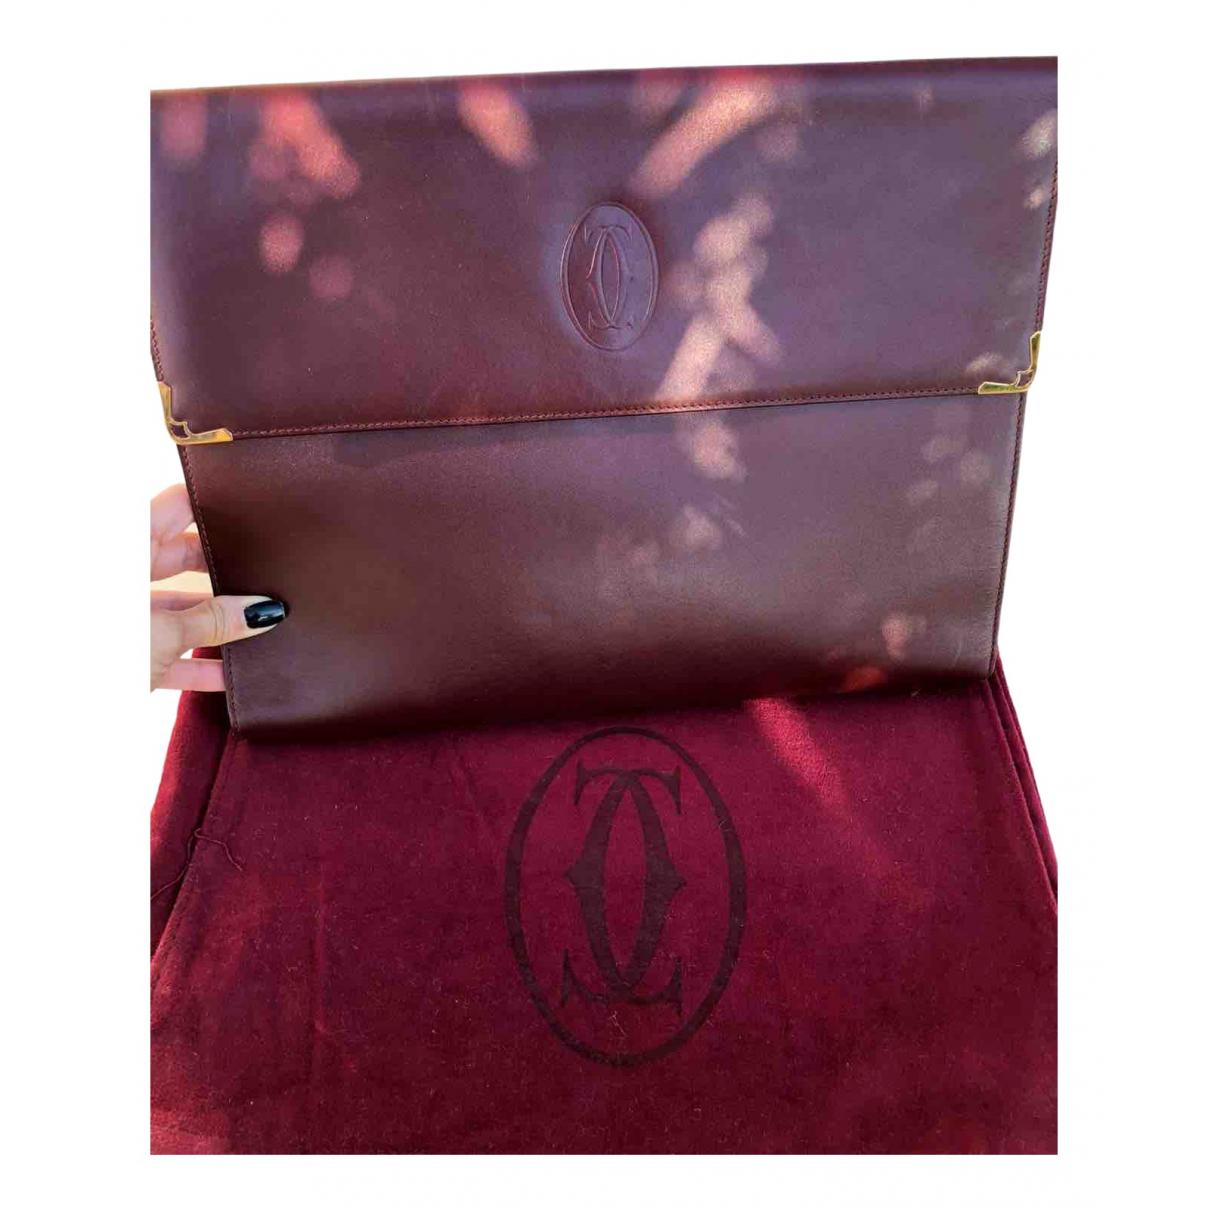 Cartier \N Clutch in  Bordeauxrot Leder